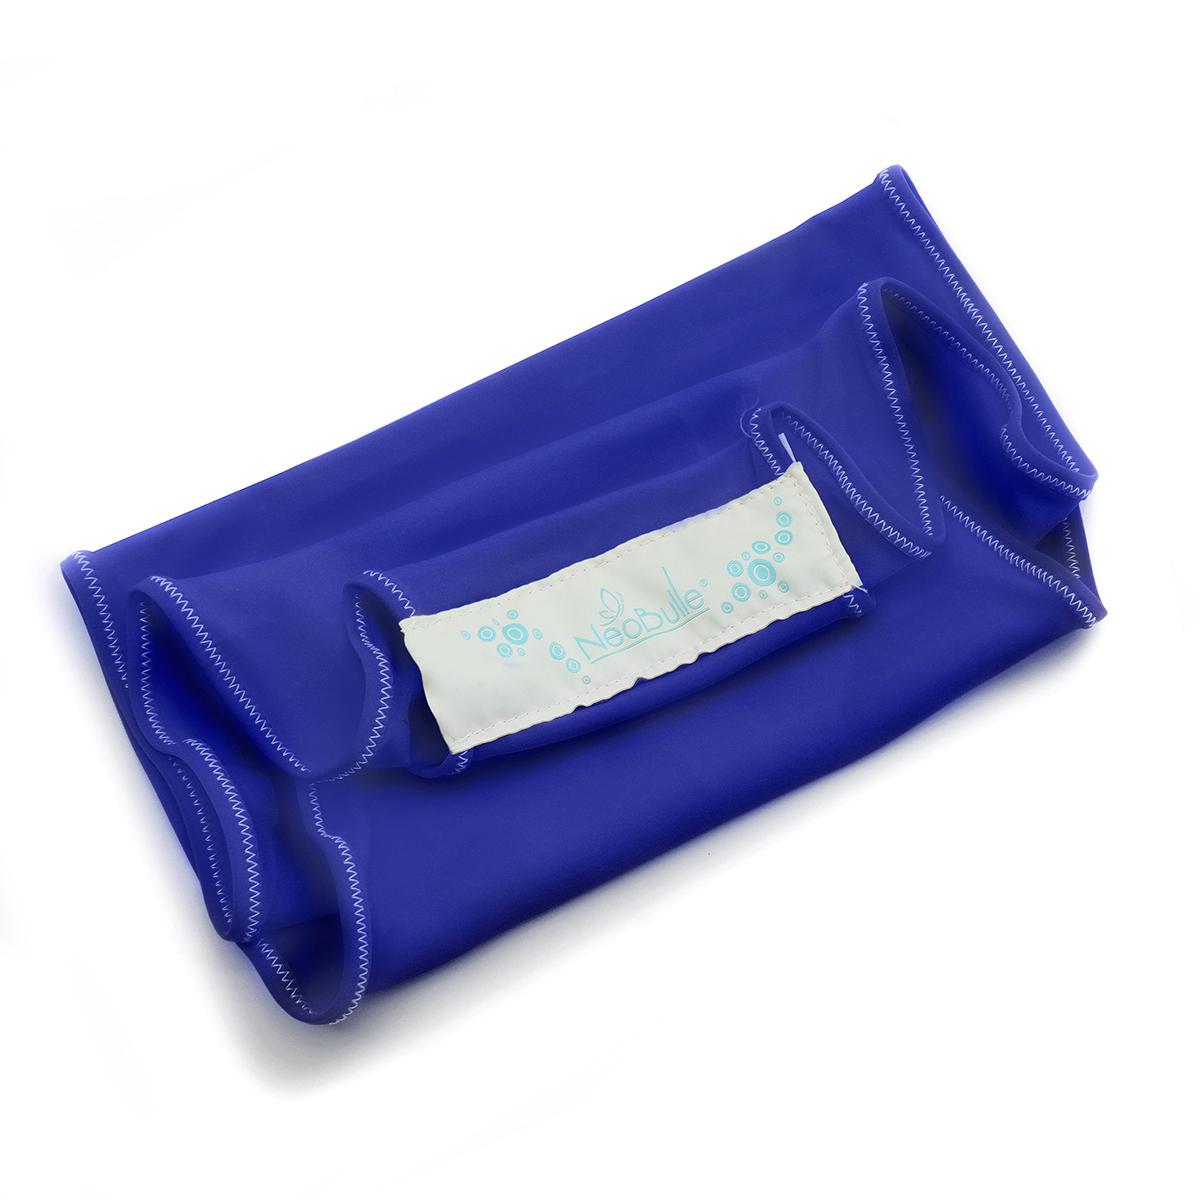 Porte bébé Echarpe Aquabulle Bleue - Taille M Echarpe Aquabulle Bleue - Taille M